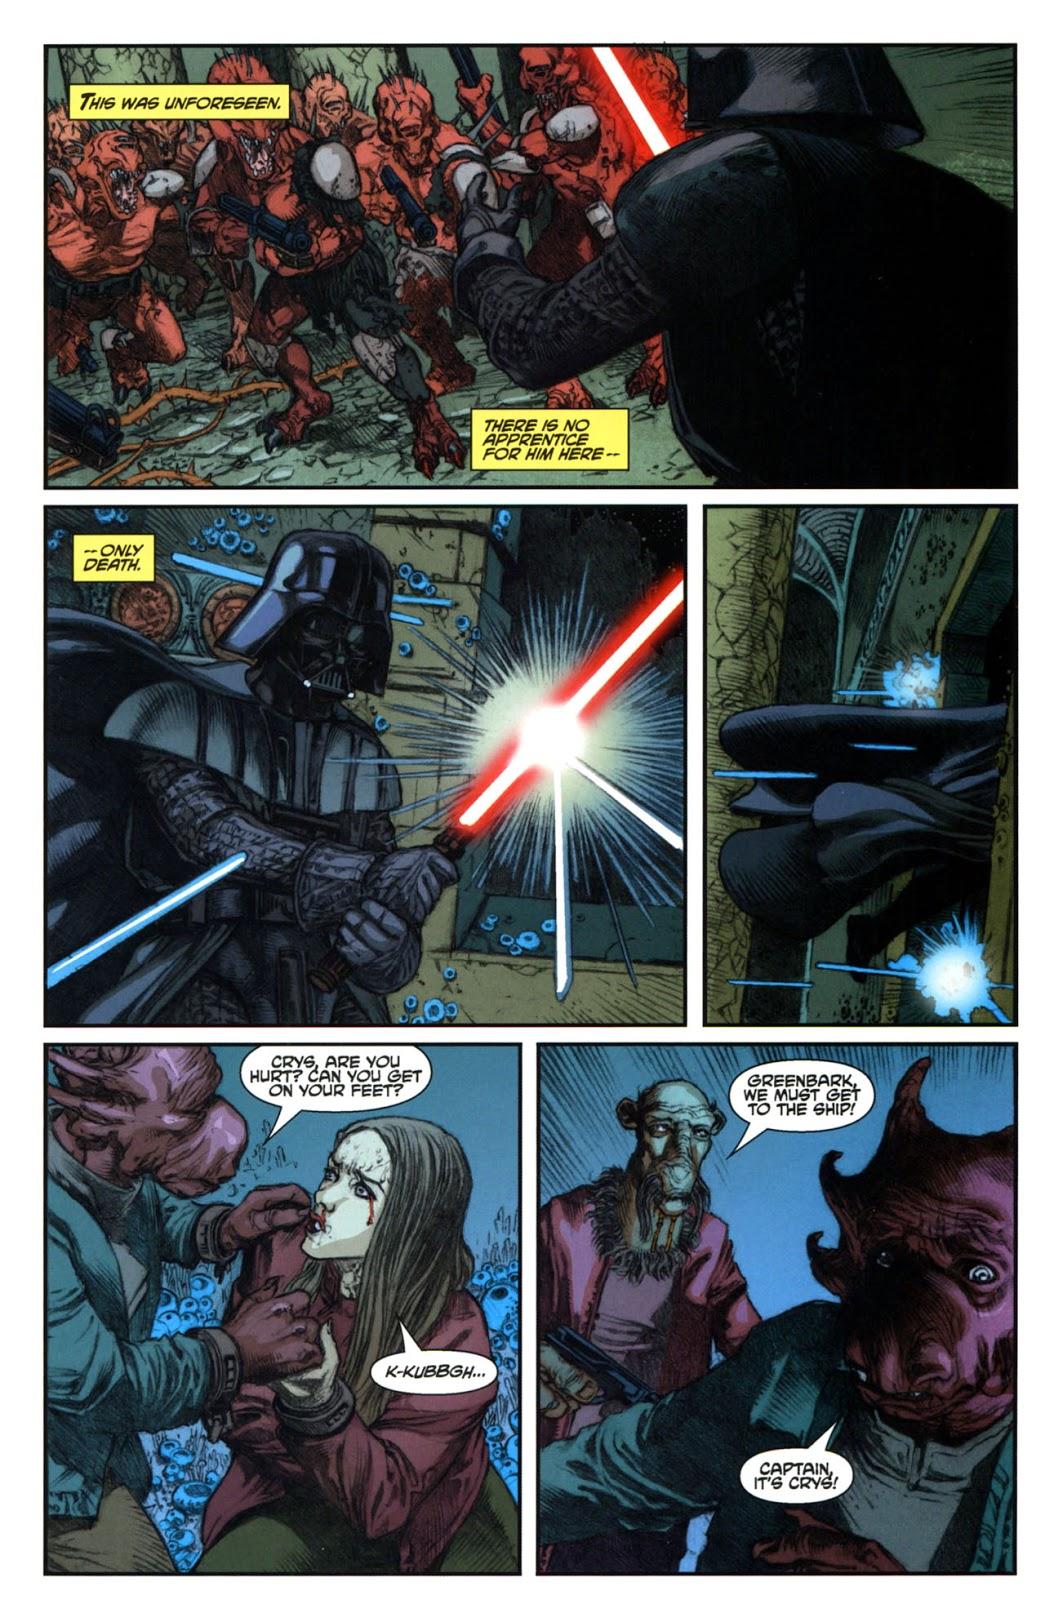 Darth Vader vs A'Sharad Hett - Page 3 65oksWbVdtvJmjFlebPch4Tnq_e7pHK33bFnSxlptPhMadGo3TFvxx97yIHjg6OR-tHV7QhkEcTnLYnuHwNJfKi4oudNflcn1LrKxUTUMDpXy532jFG6RJ_R-yOL805tCmzrtvIR